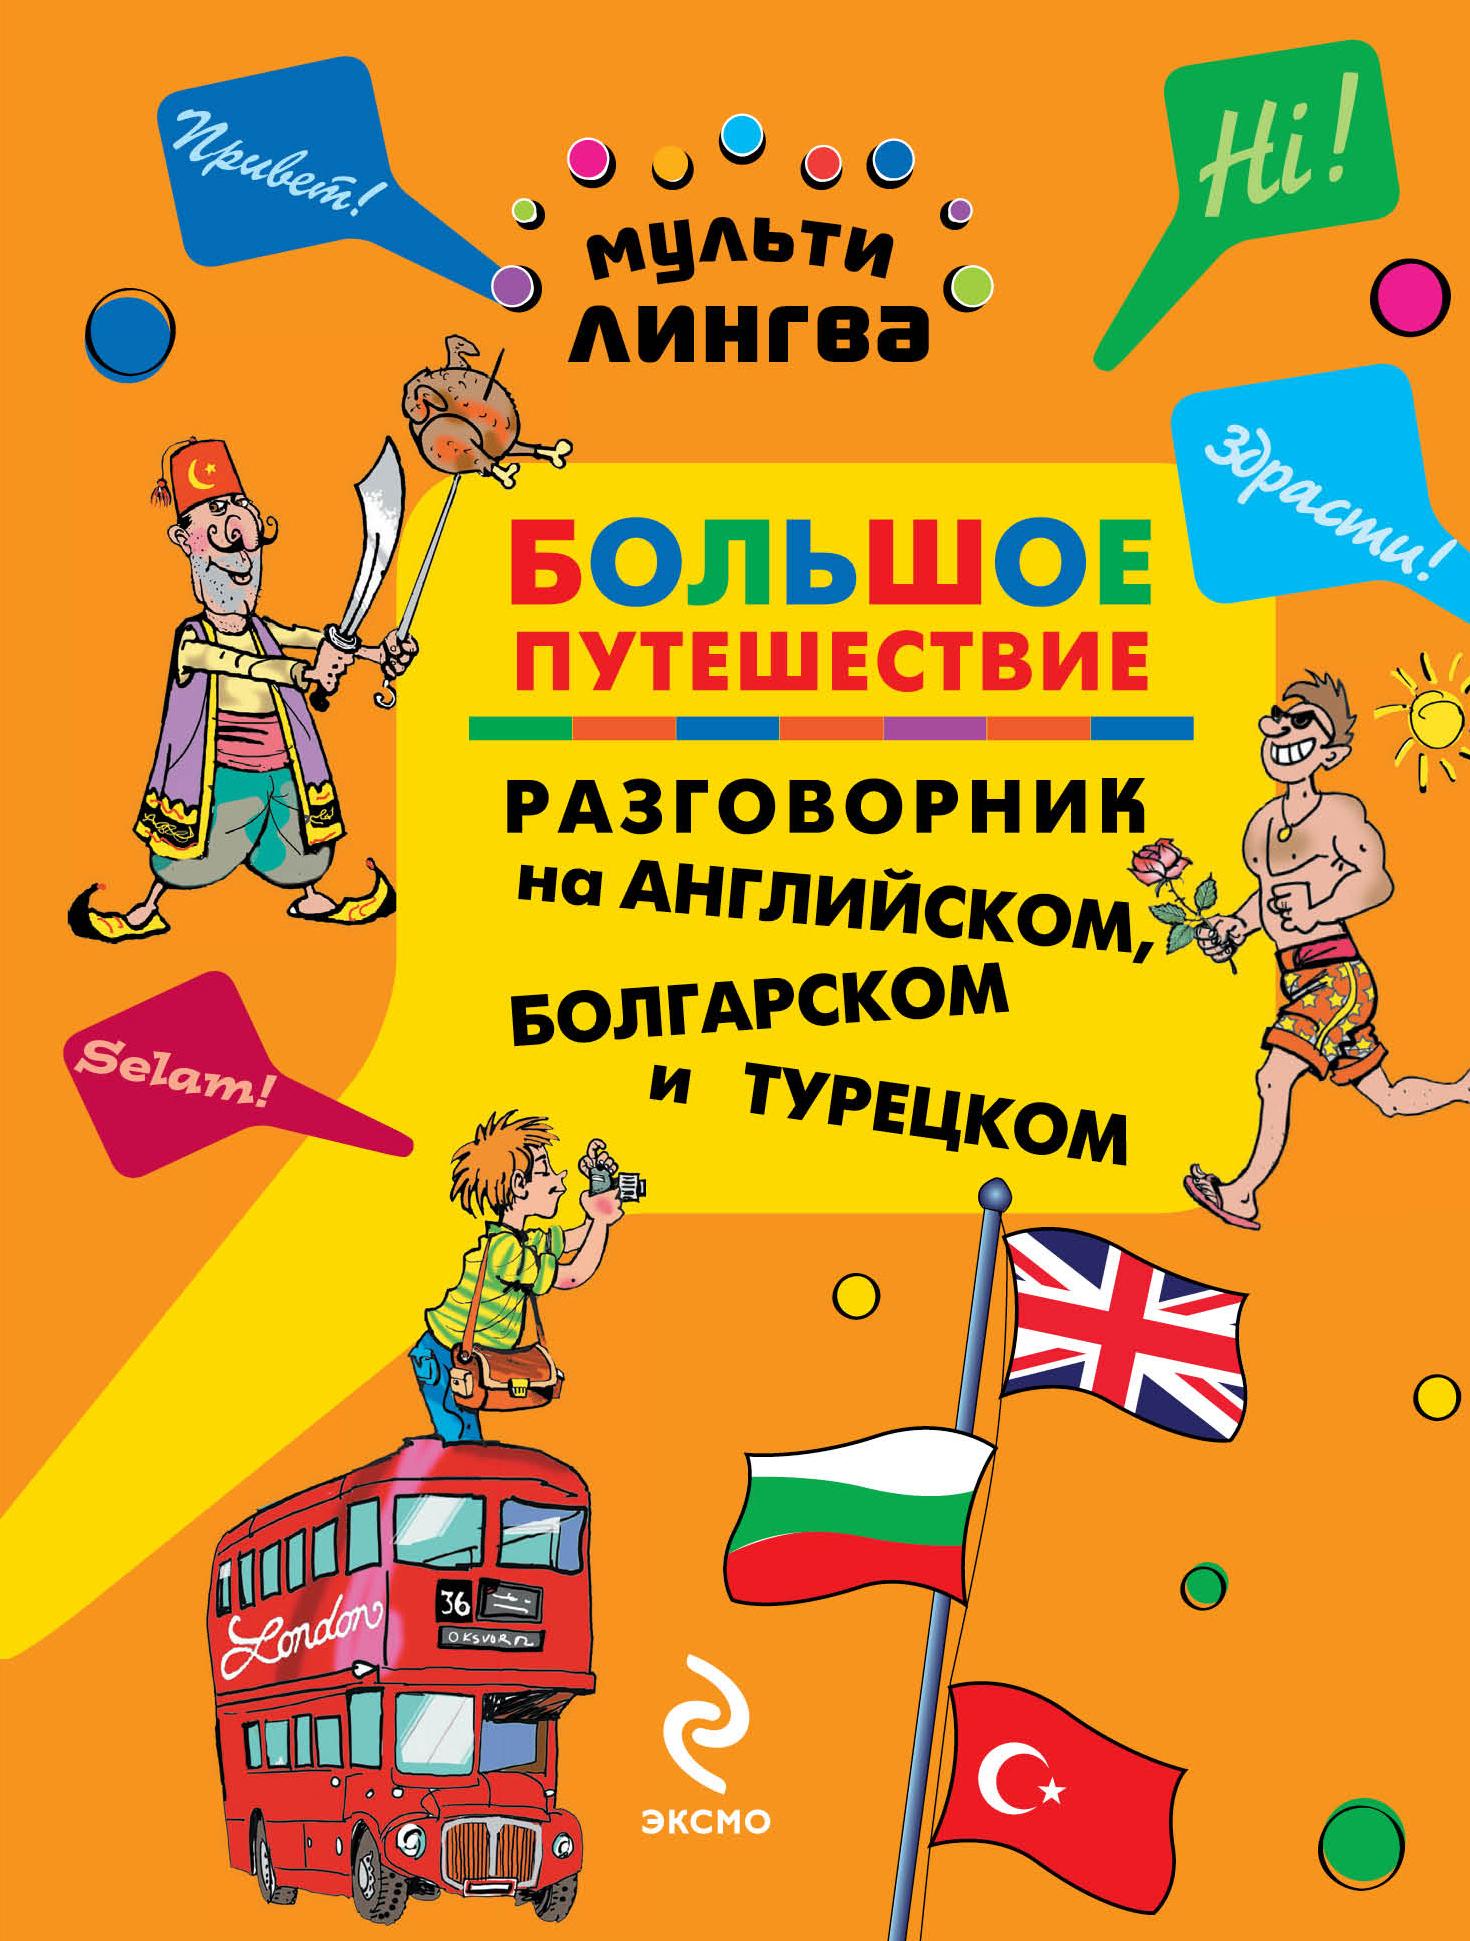 Большое путешествие. Разговорник на английском, болгарском и турецком